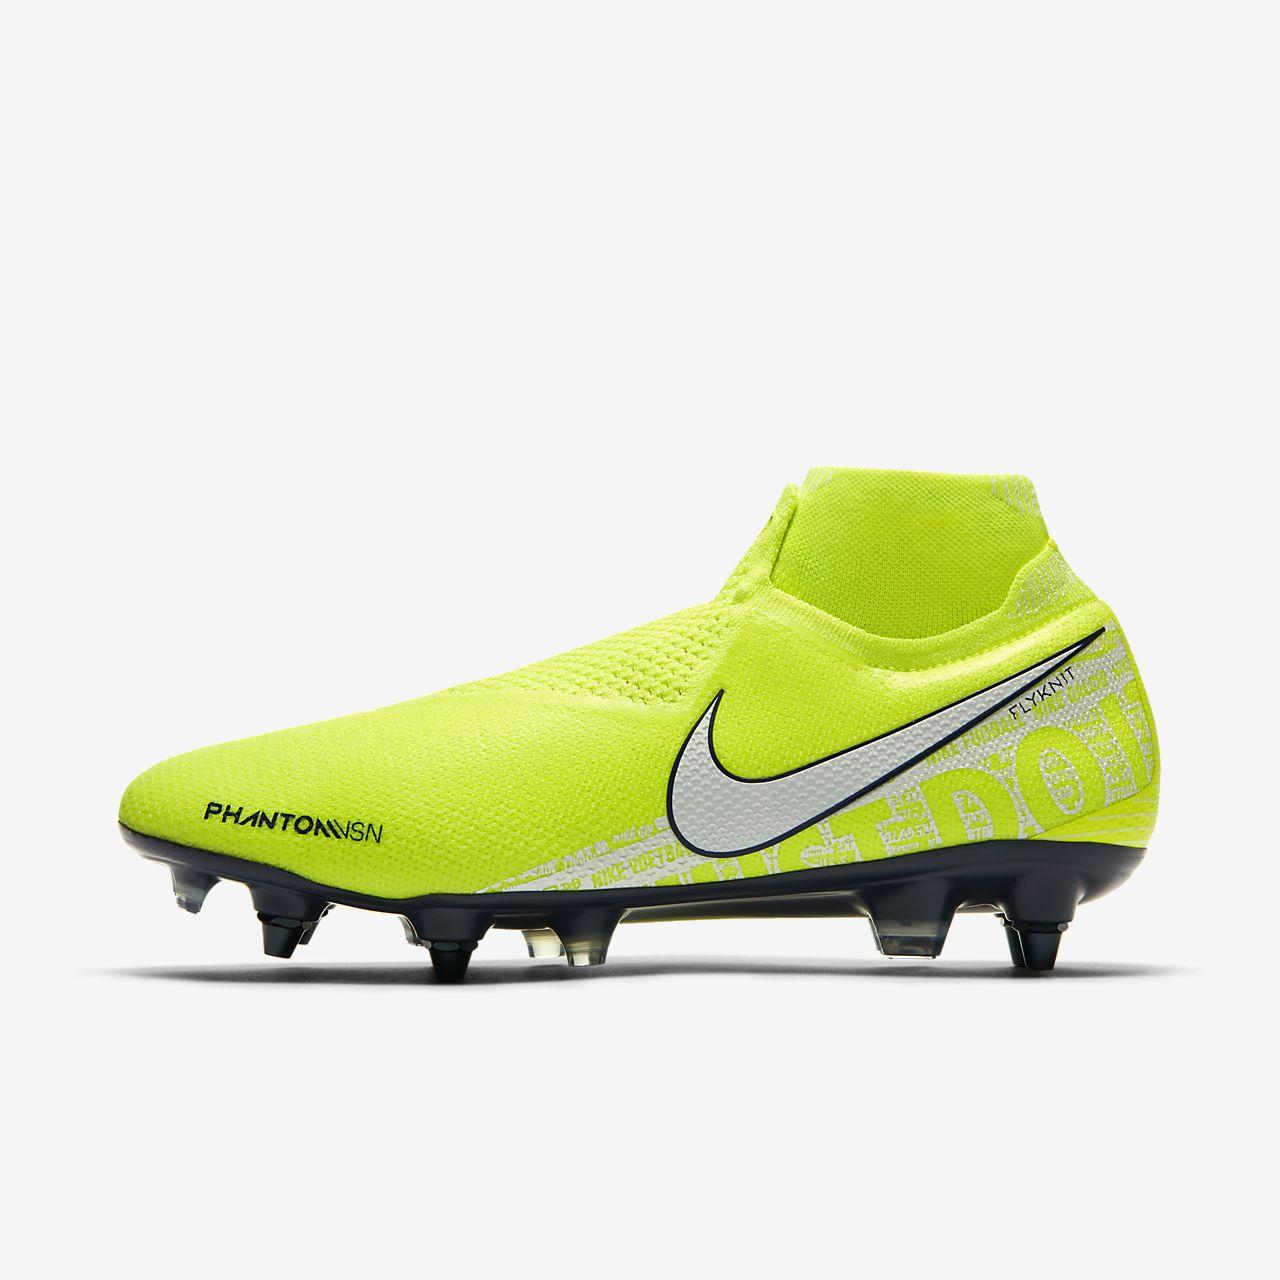 Nike Phantom Vision Elite Dynamic Fit Anti-Clog SG-PRO-fodboldstøvle